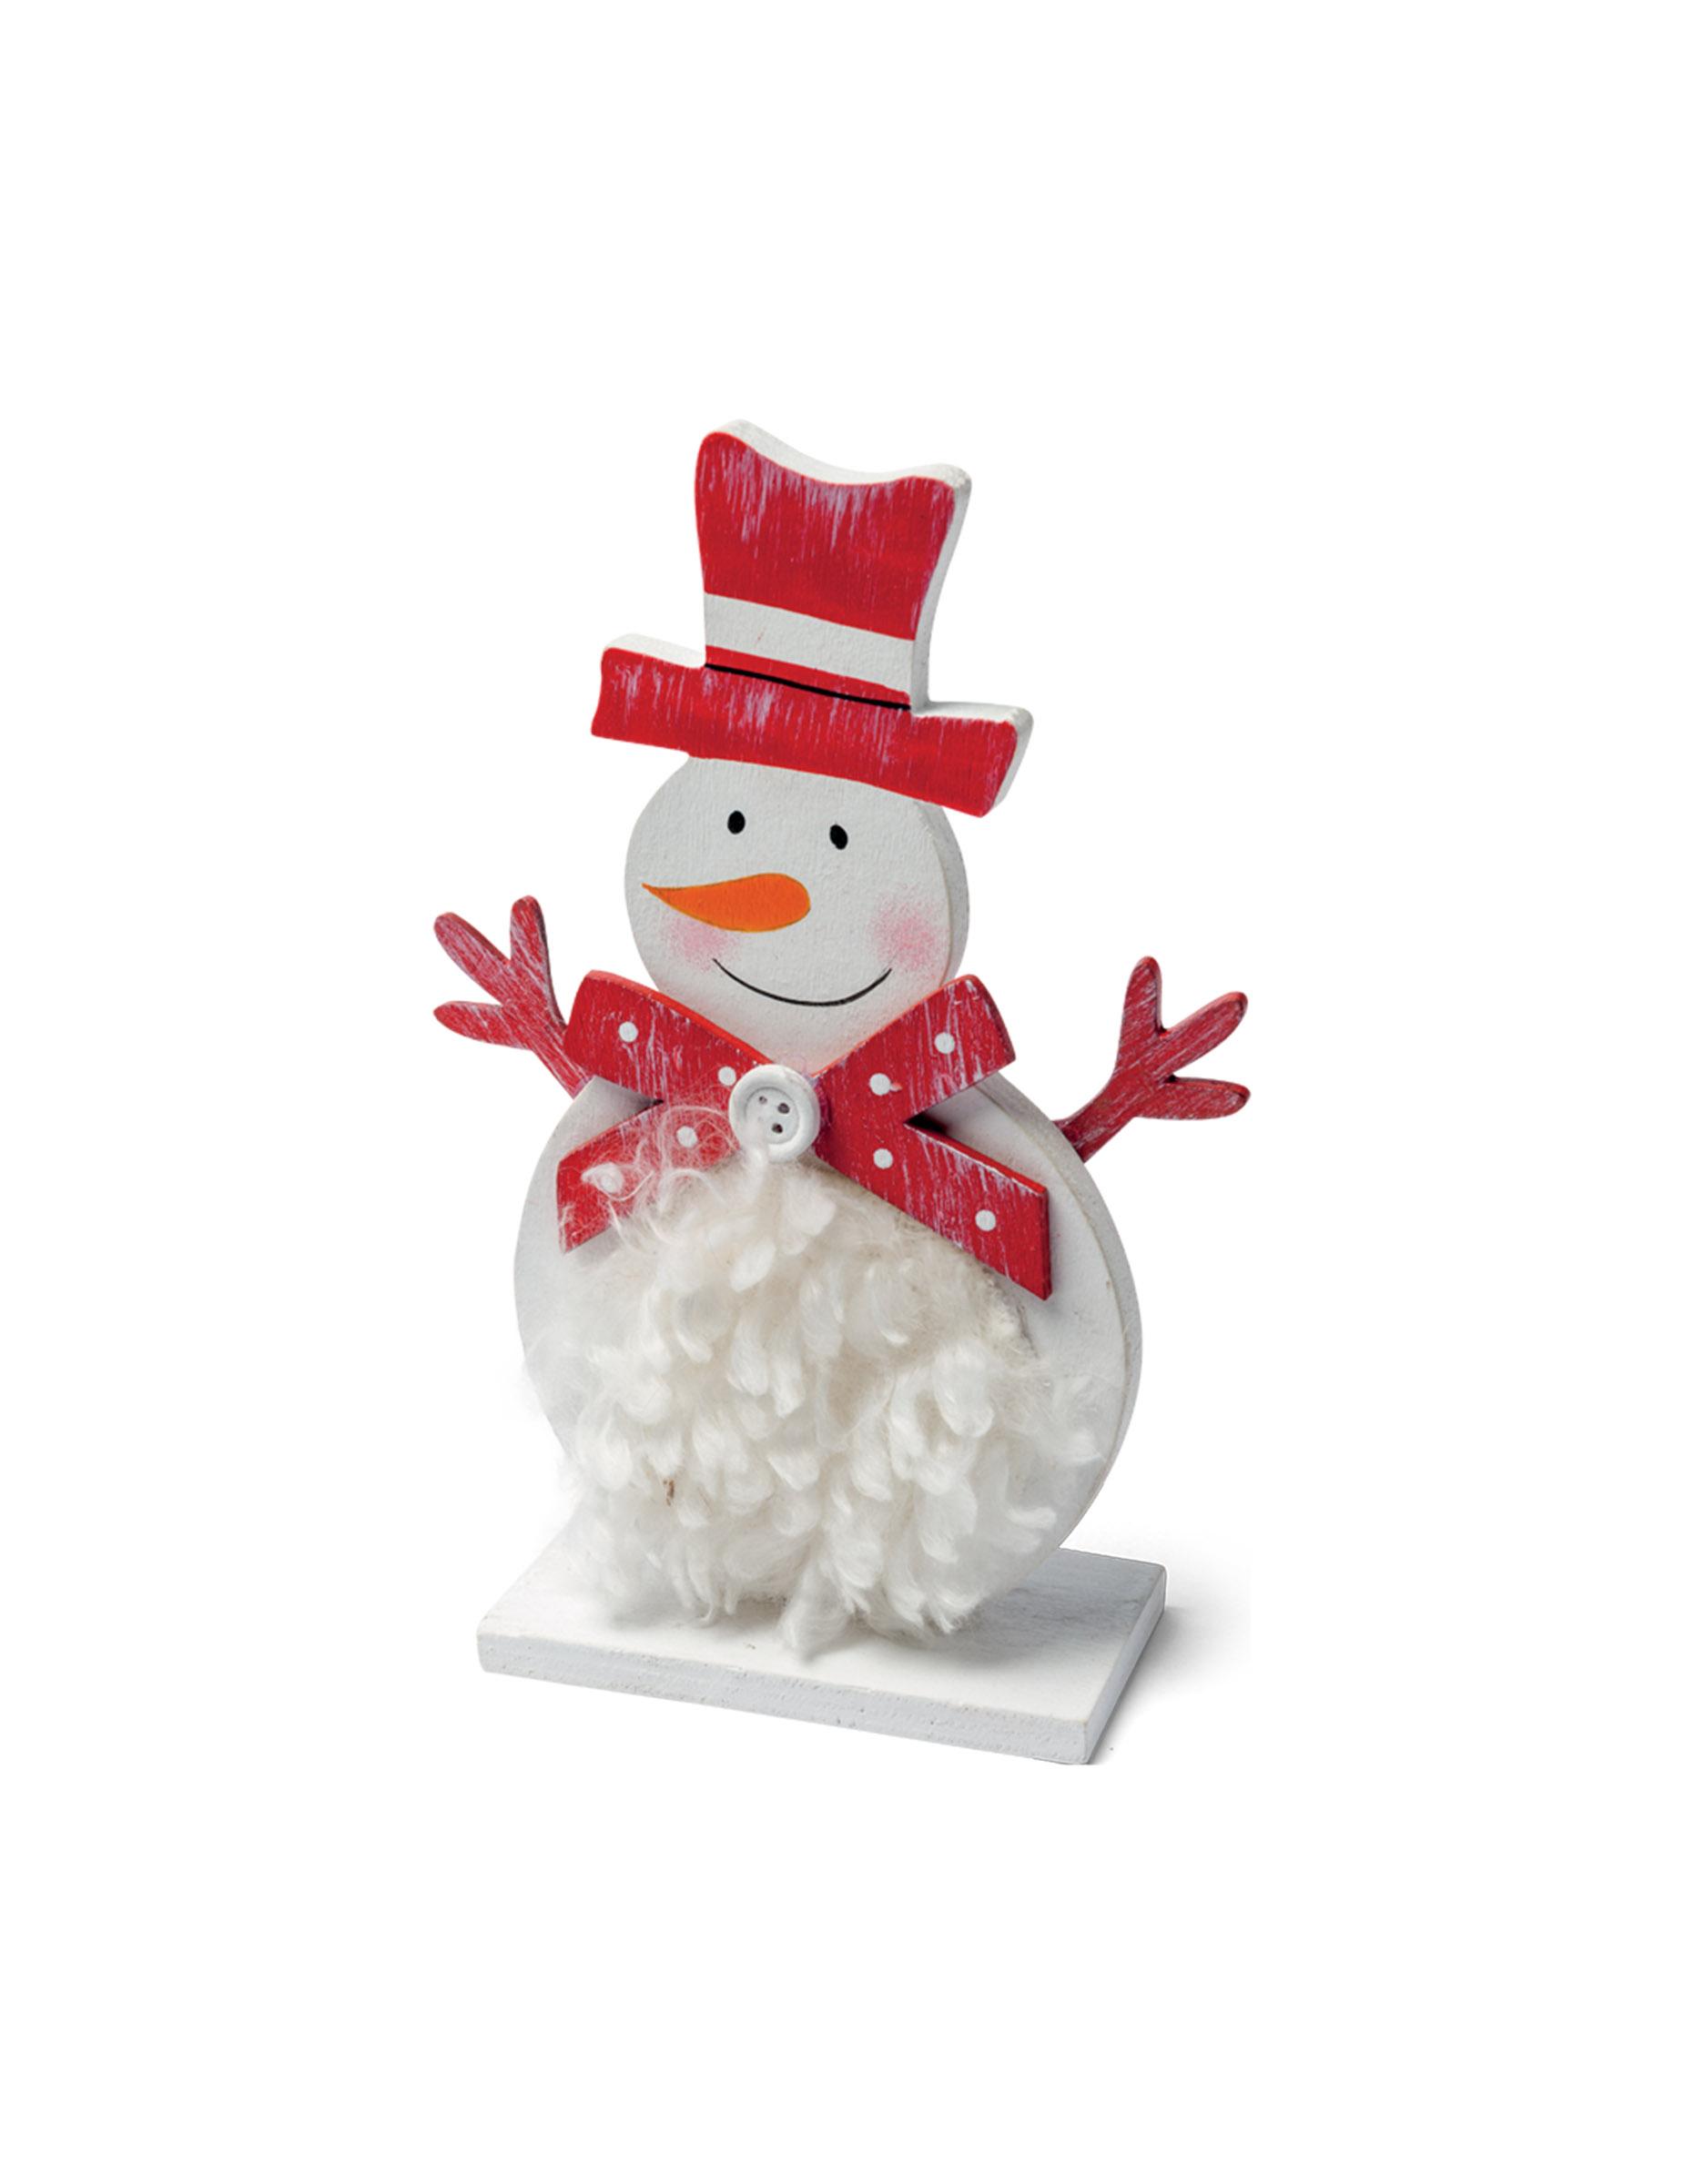 Bonhomme de neige en bois avec fourrure 15 cm d coration anniversaire et f tes th me sur - Bonhomme de neige en bois ...